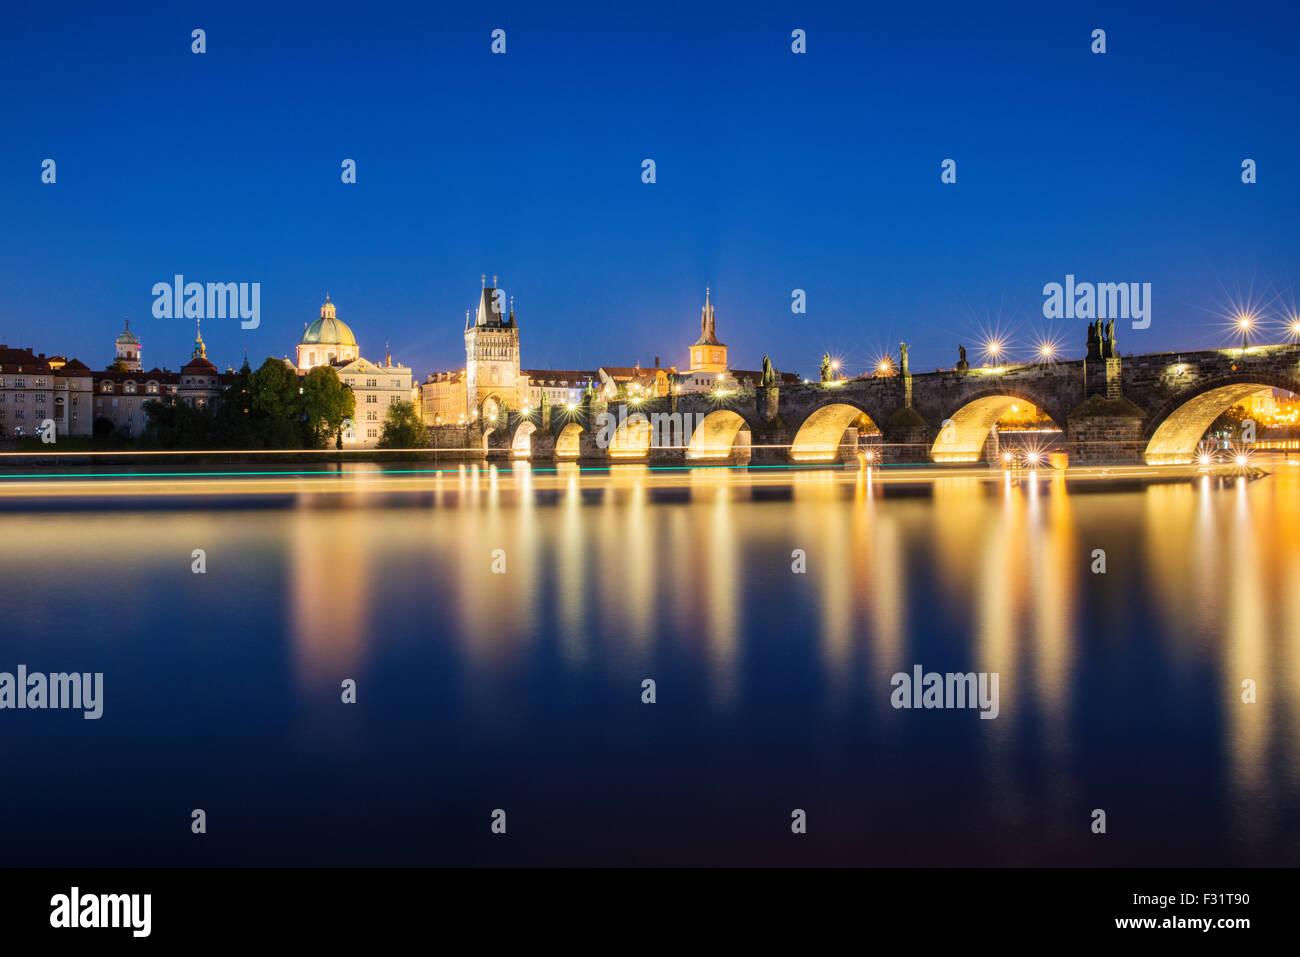 Vista nocturna de la colorida ciudad vieja y el Puente de Carlos con el río Vltava, Praga, República Checa Imagen De Stock